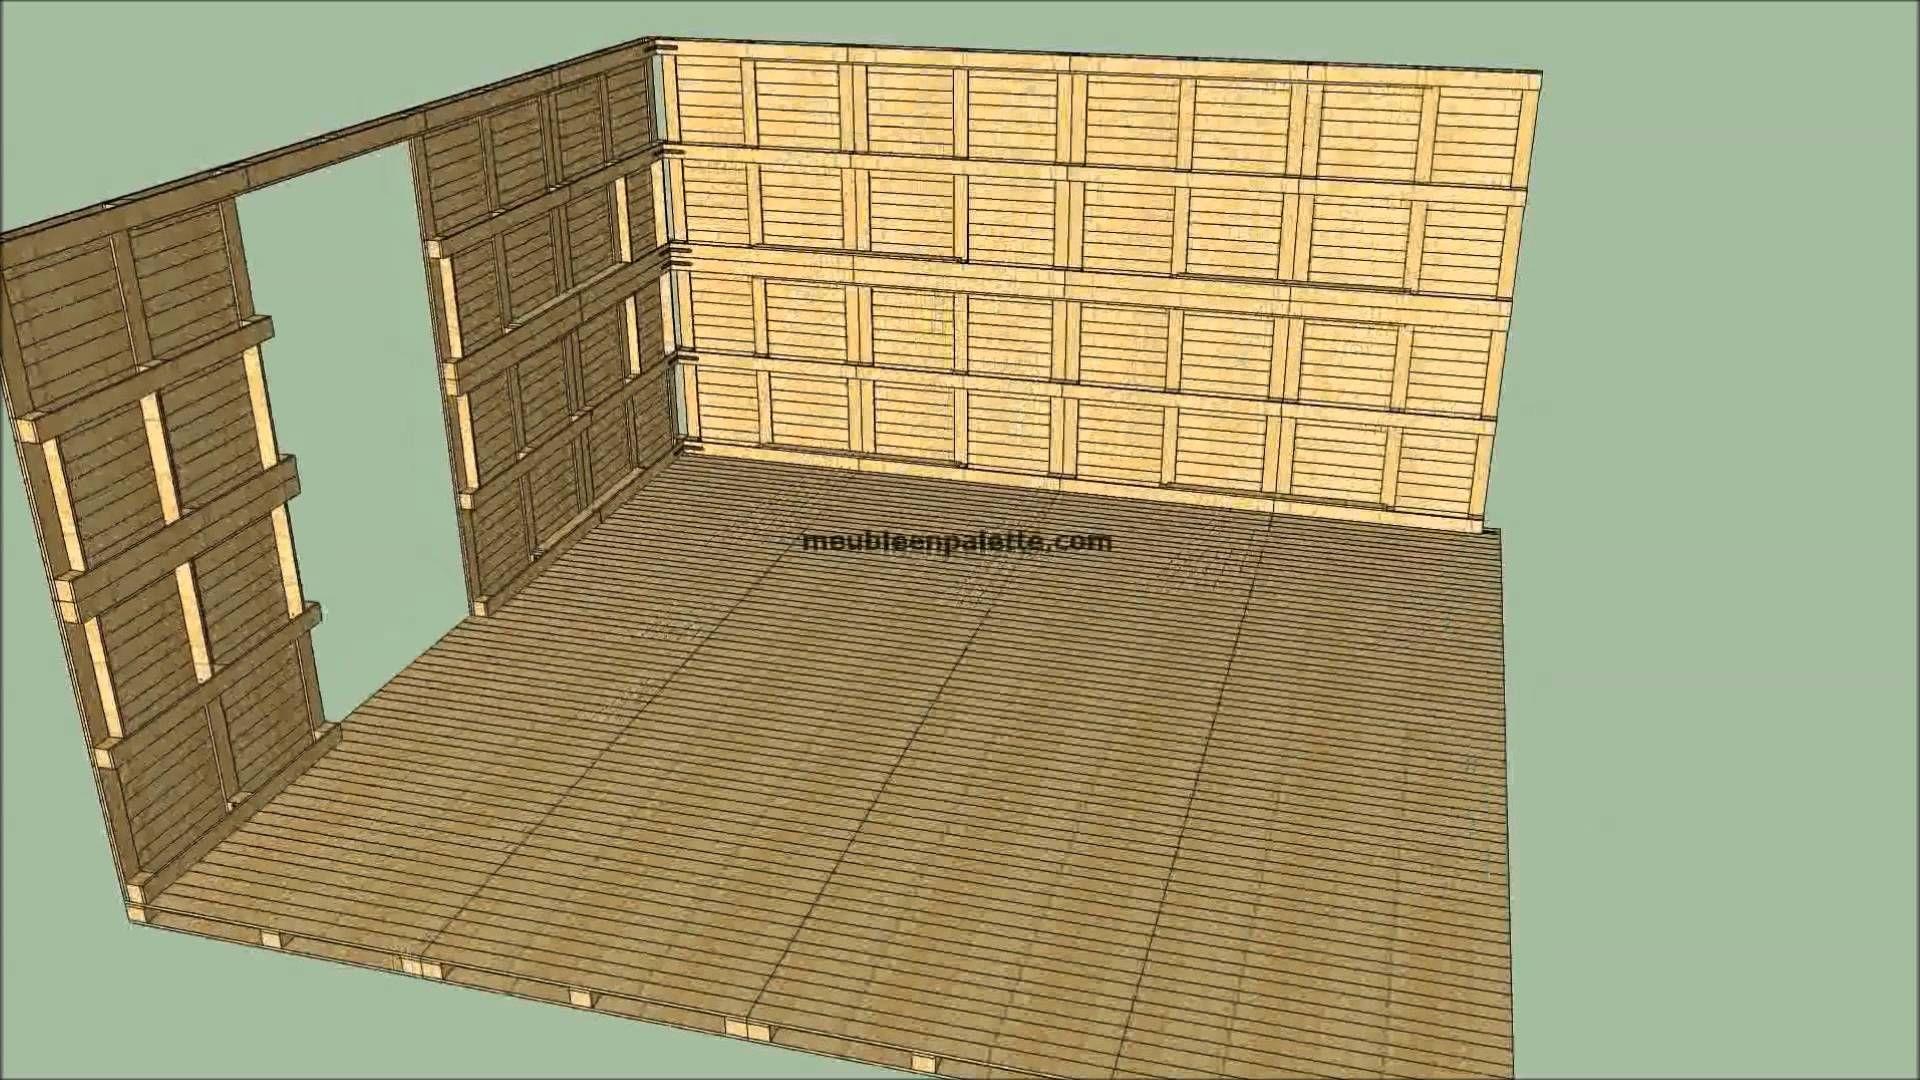 ccc60df418349ba8195766125157a9ca Impressionnant De Construire Un Abri De Jardin Concept